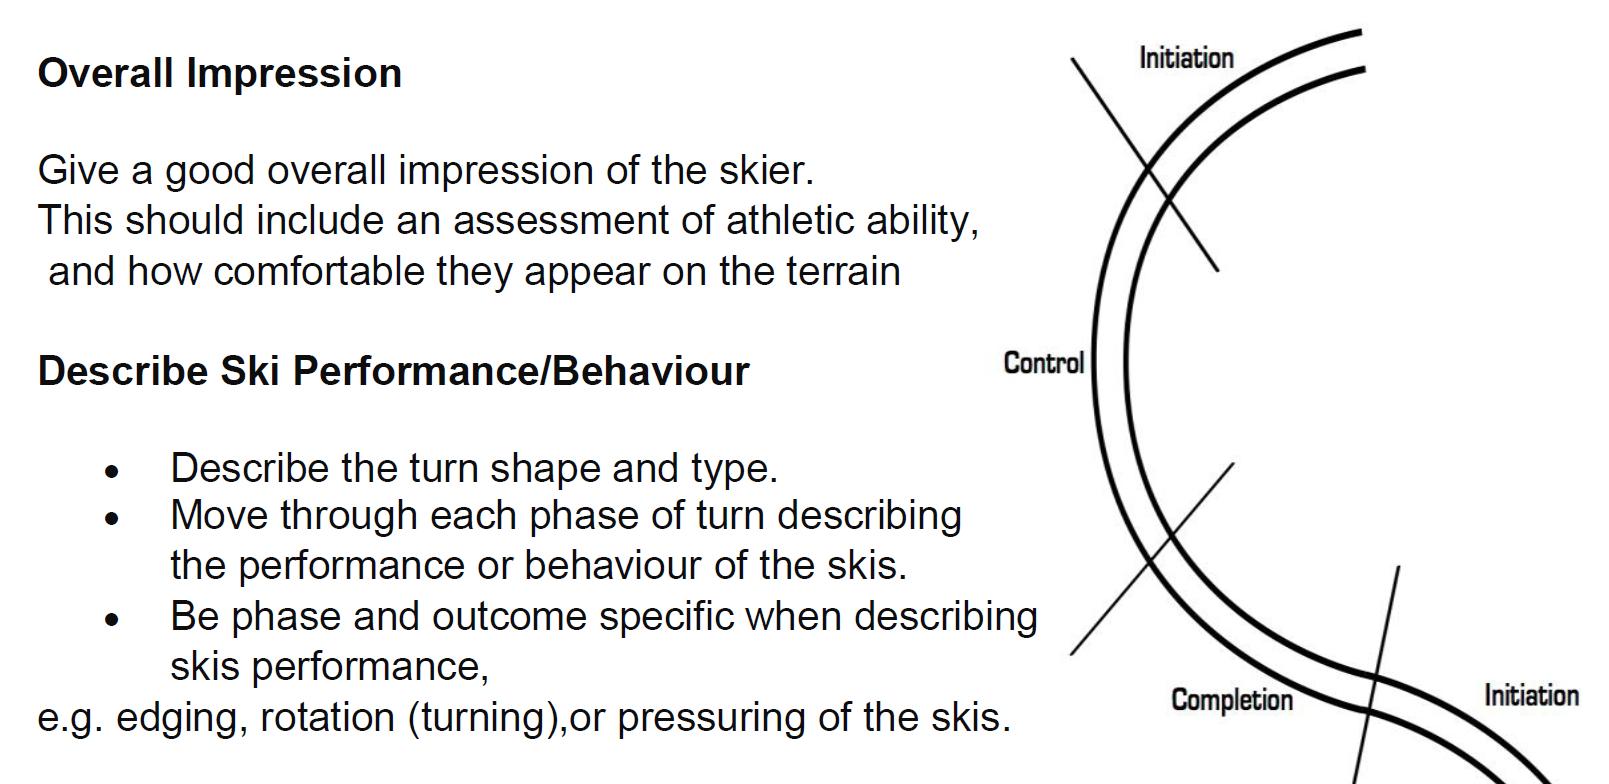 個人化滑行分析/技術討論課程